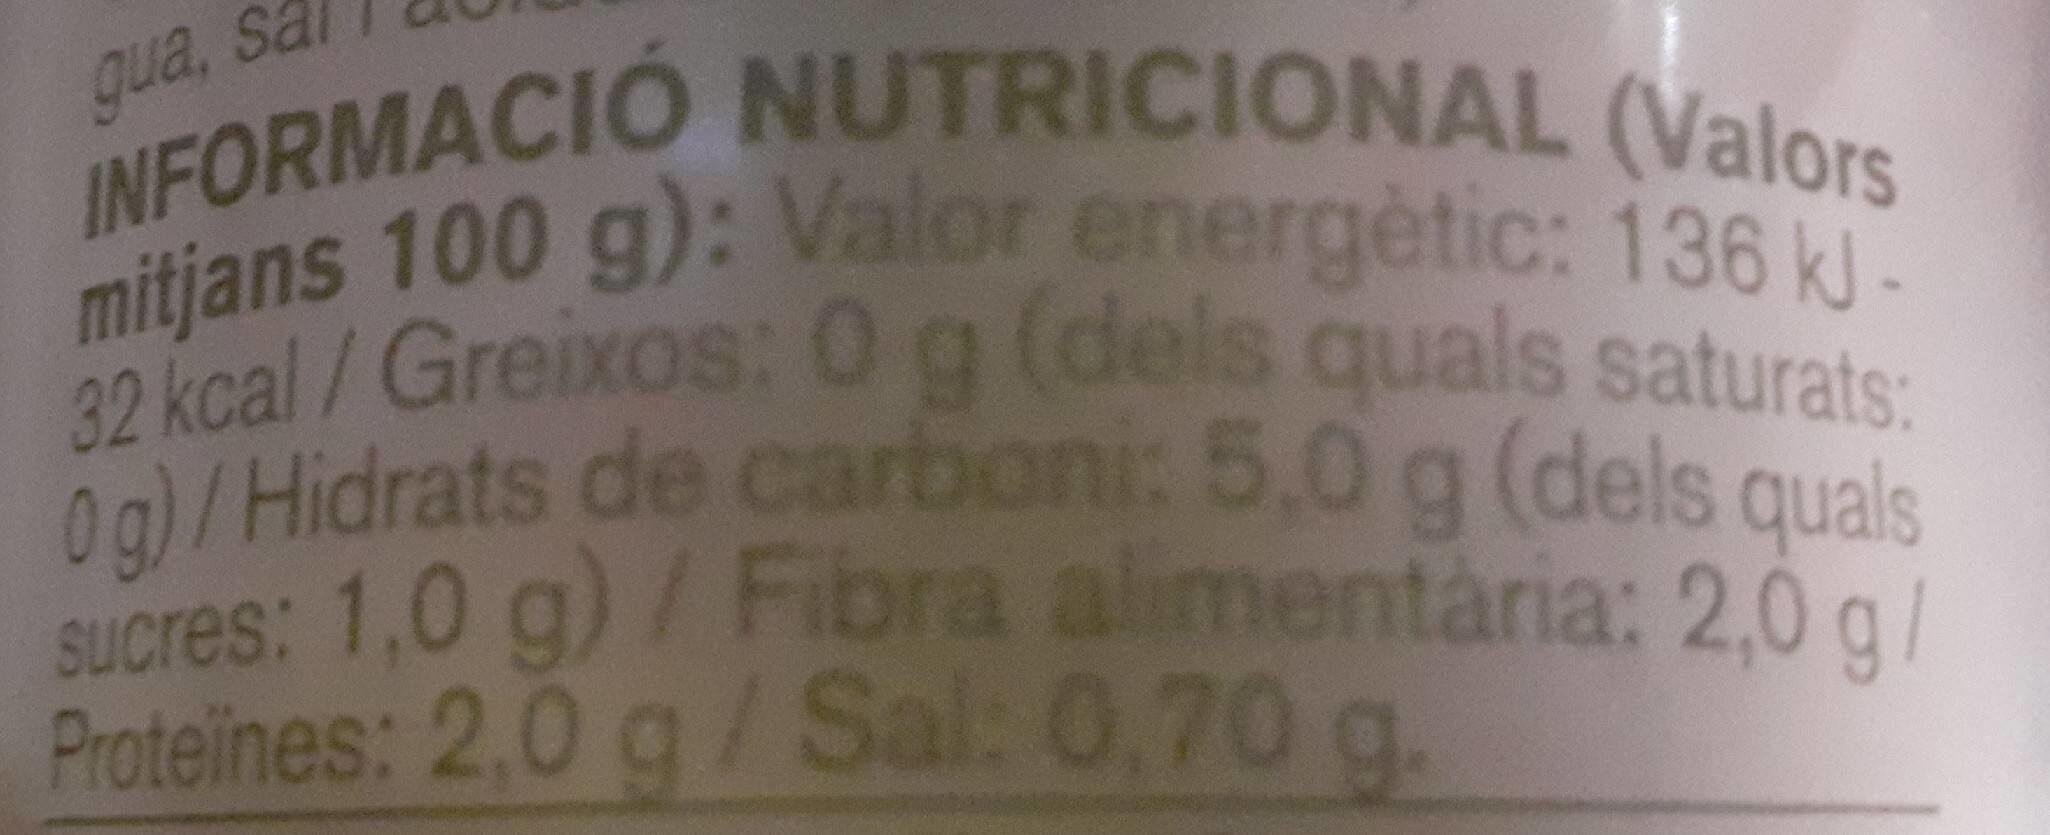 Cors Carxfa - Información nutricional - ca